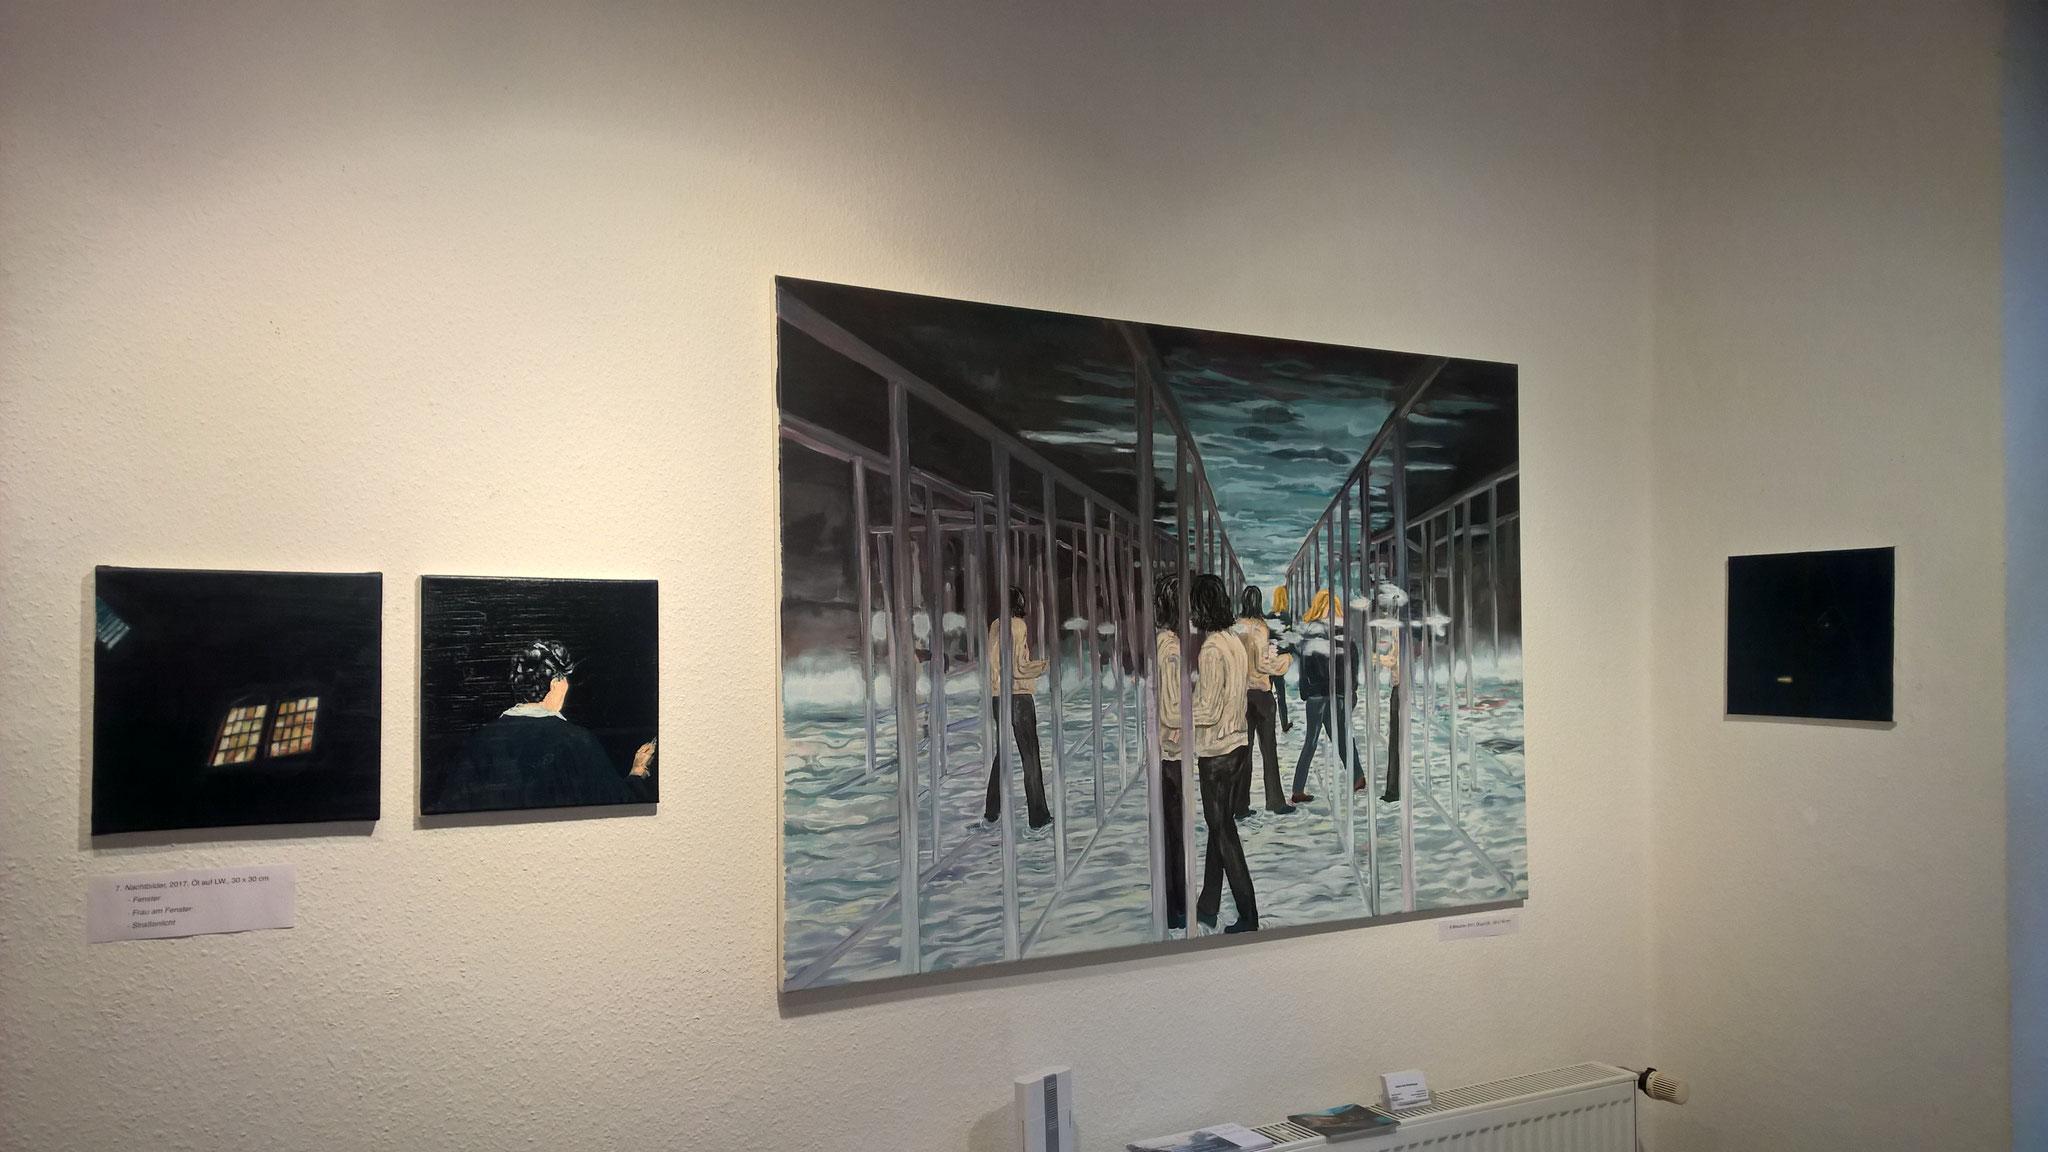 Ausstellungsansicht, Galerie Udo Würtenberger, Berlin, 2018